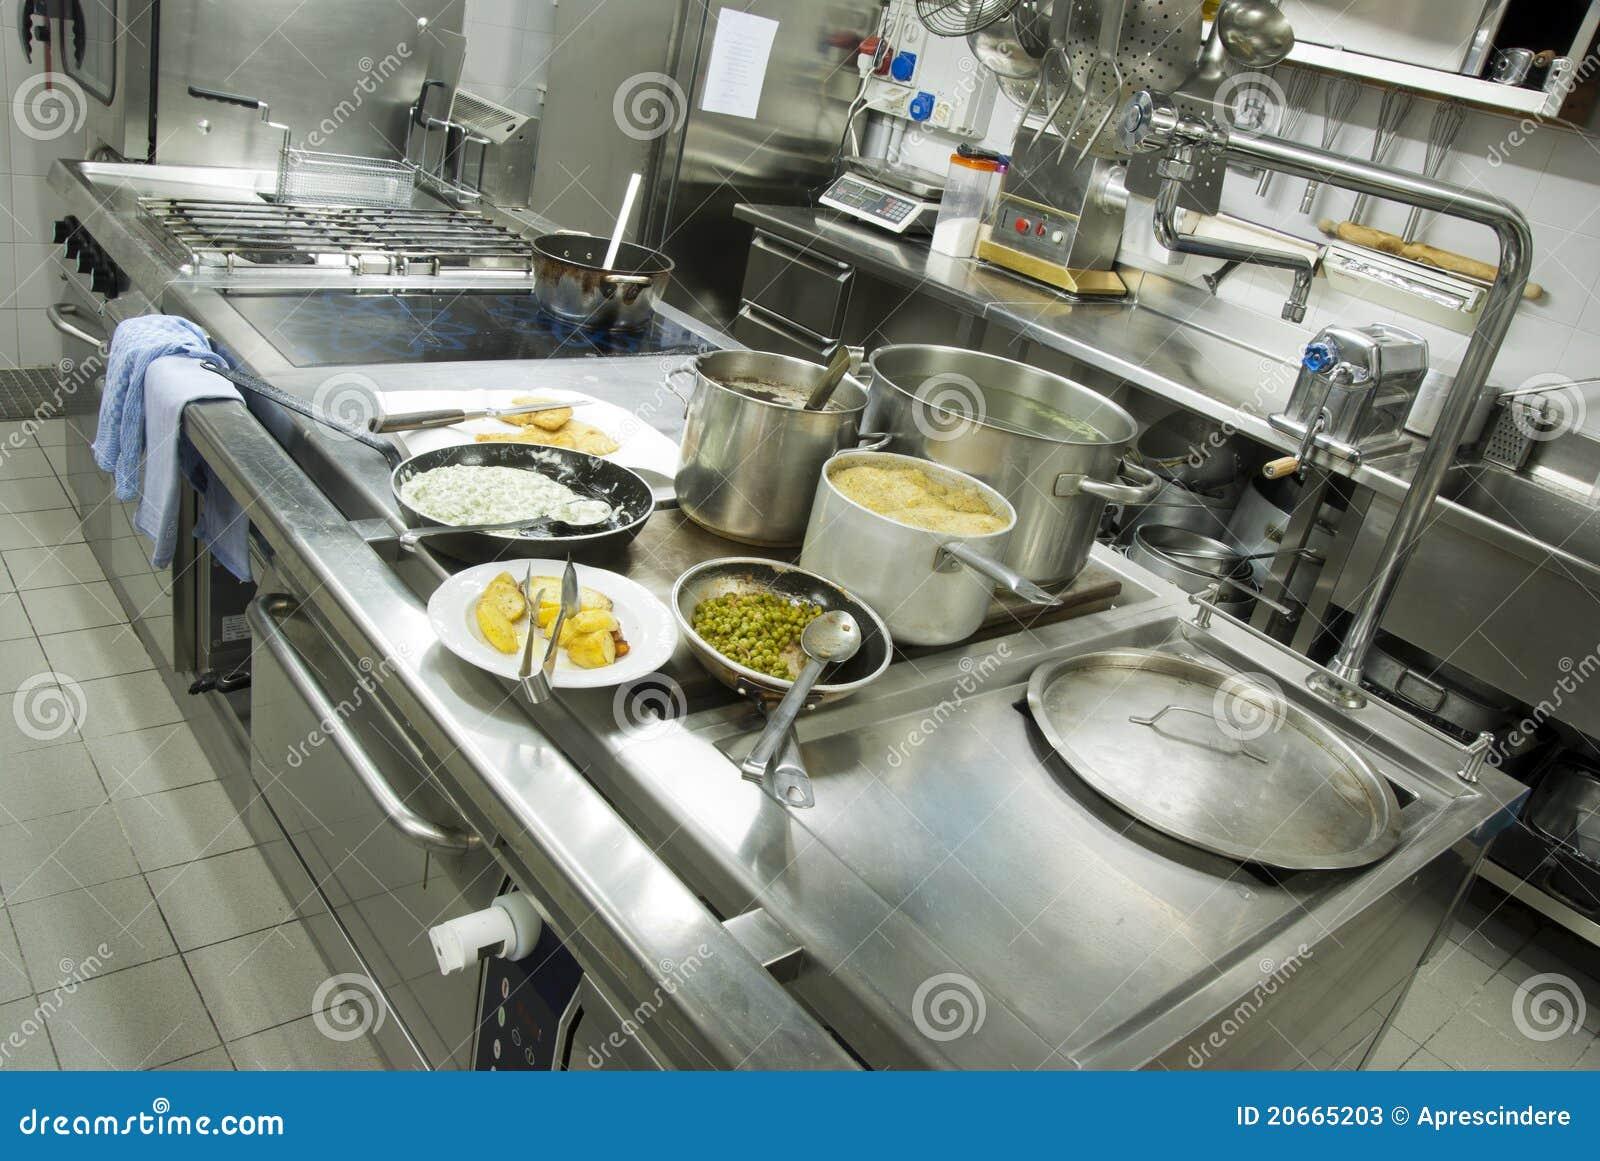 Cucina del ristorante